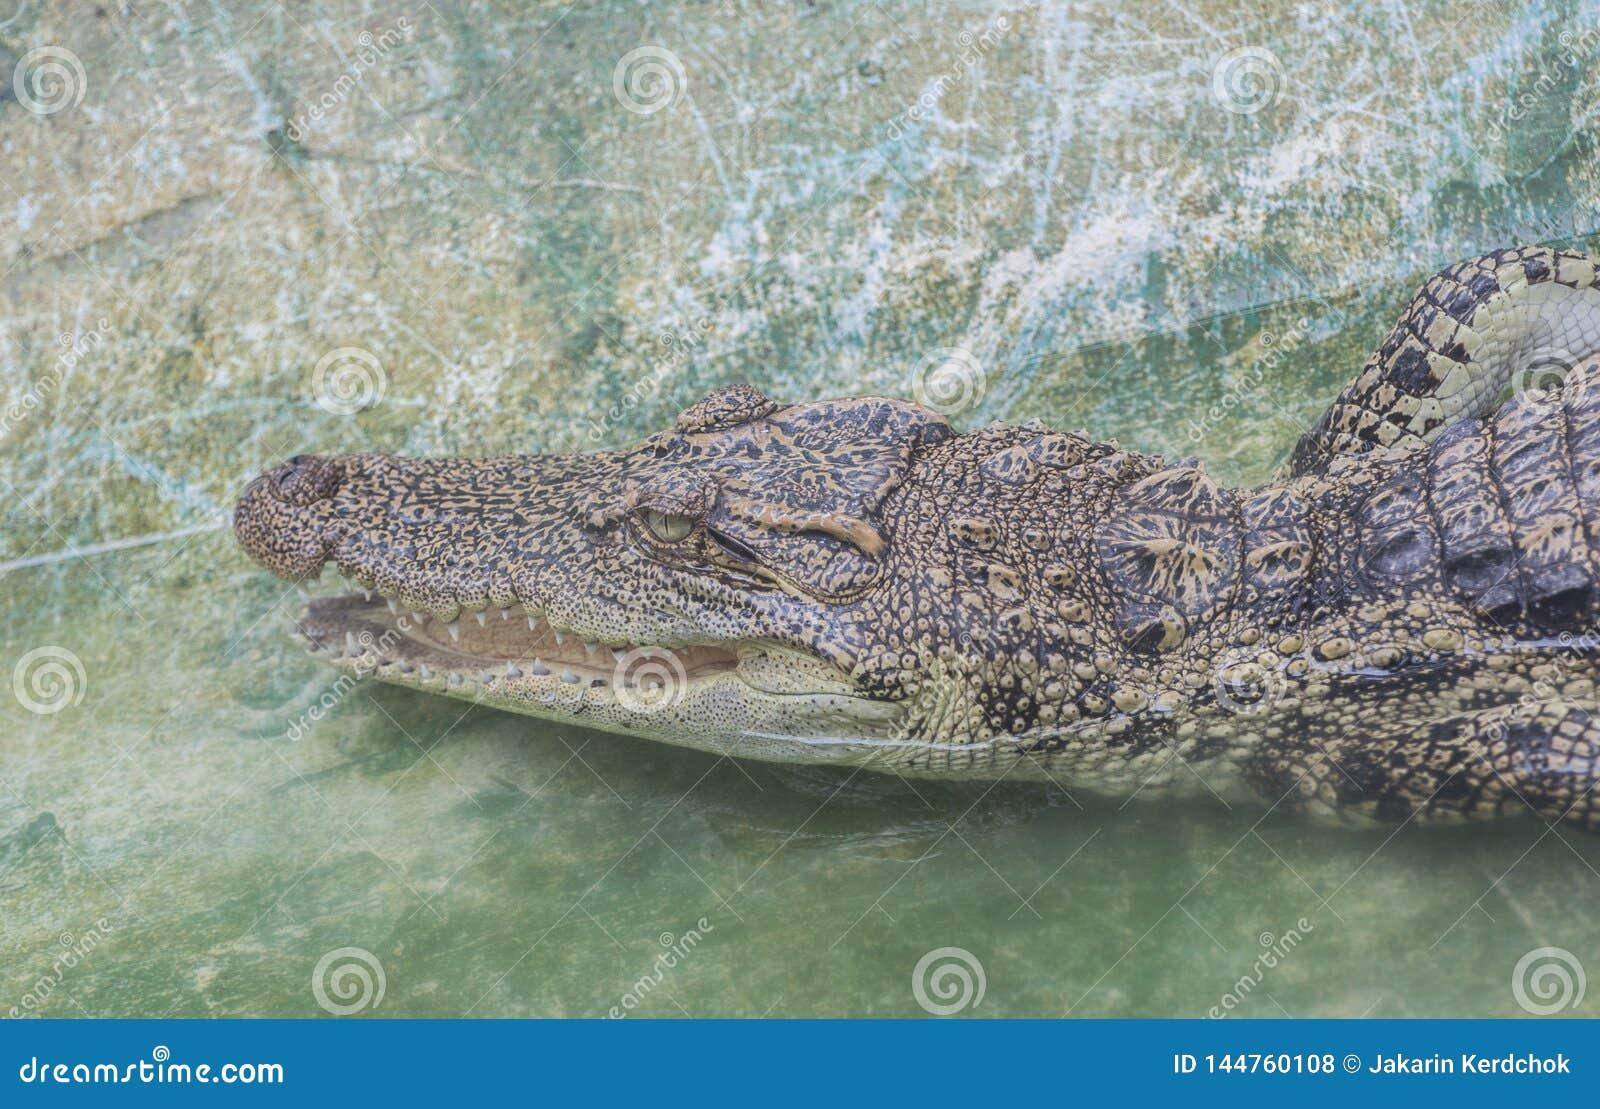 Siamensis de Crocodylus dans le zoo